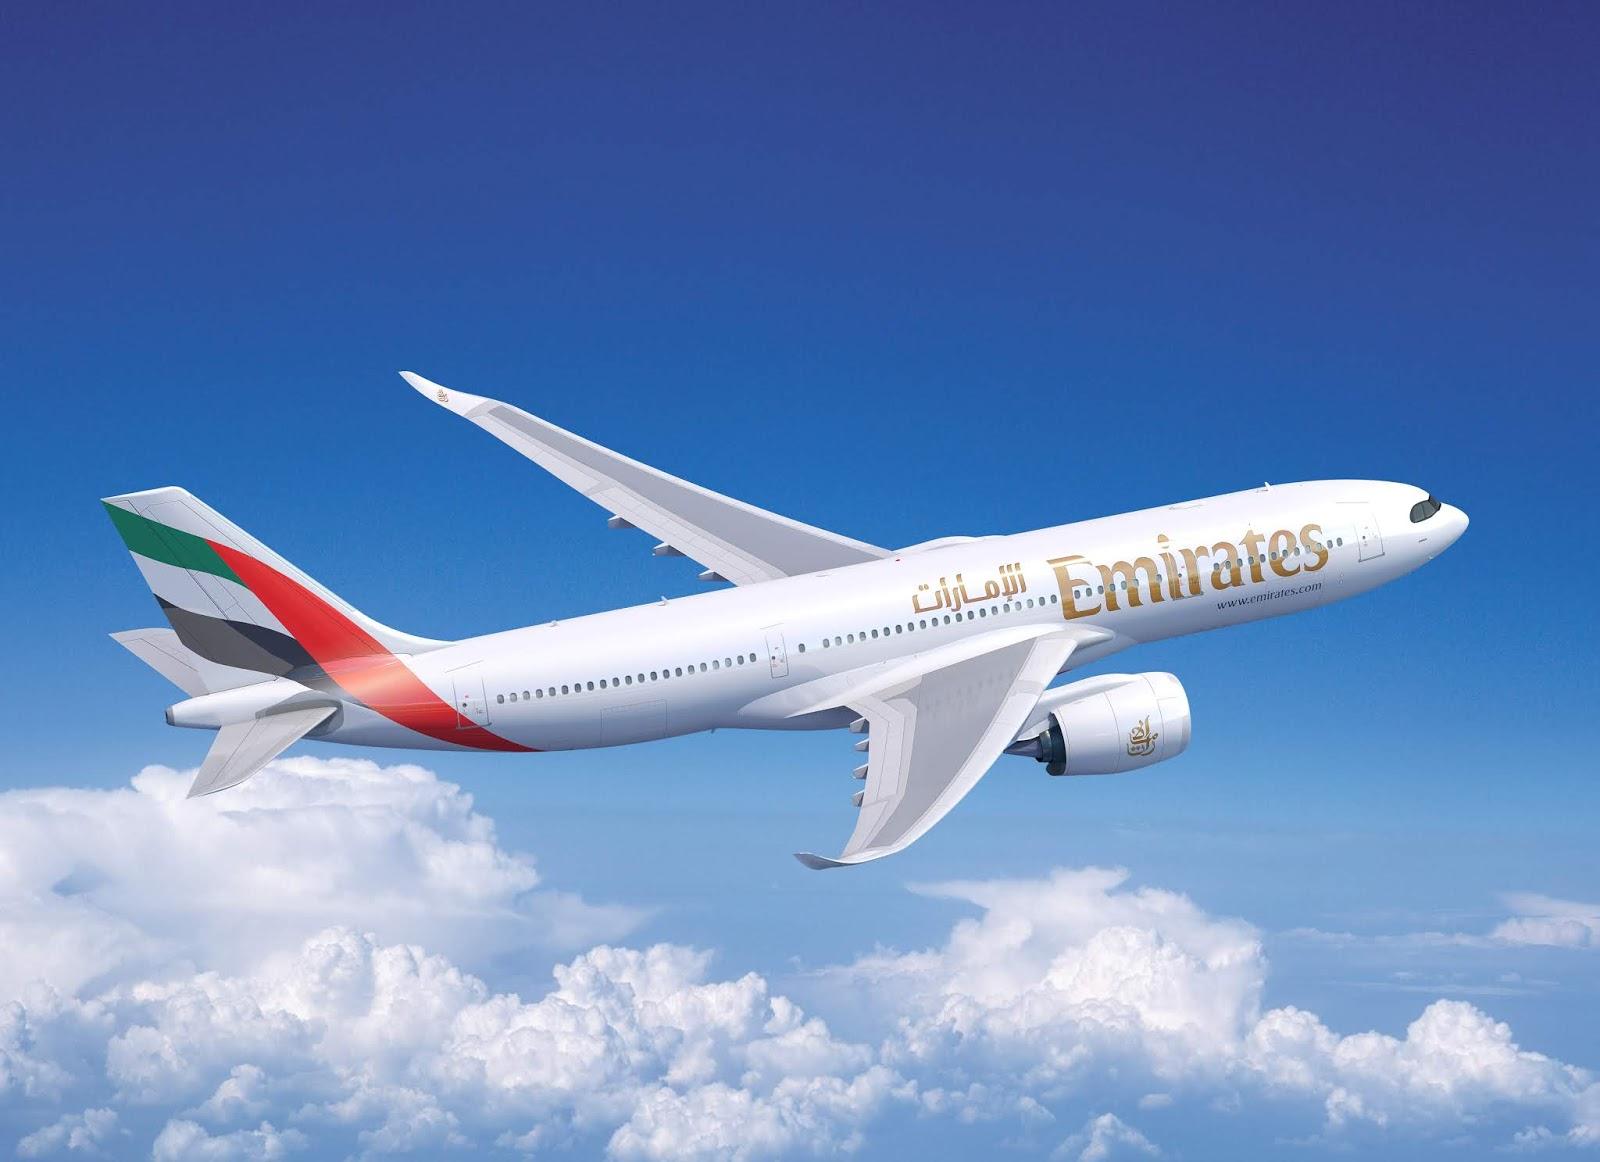 Emirates oficializa os acordos pendentes com o A380 e encomenda o A330neo e o A350 | É MAIS QUE VOAR